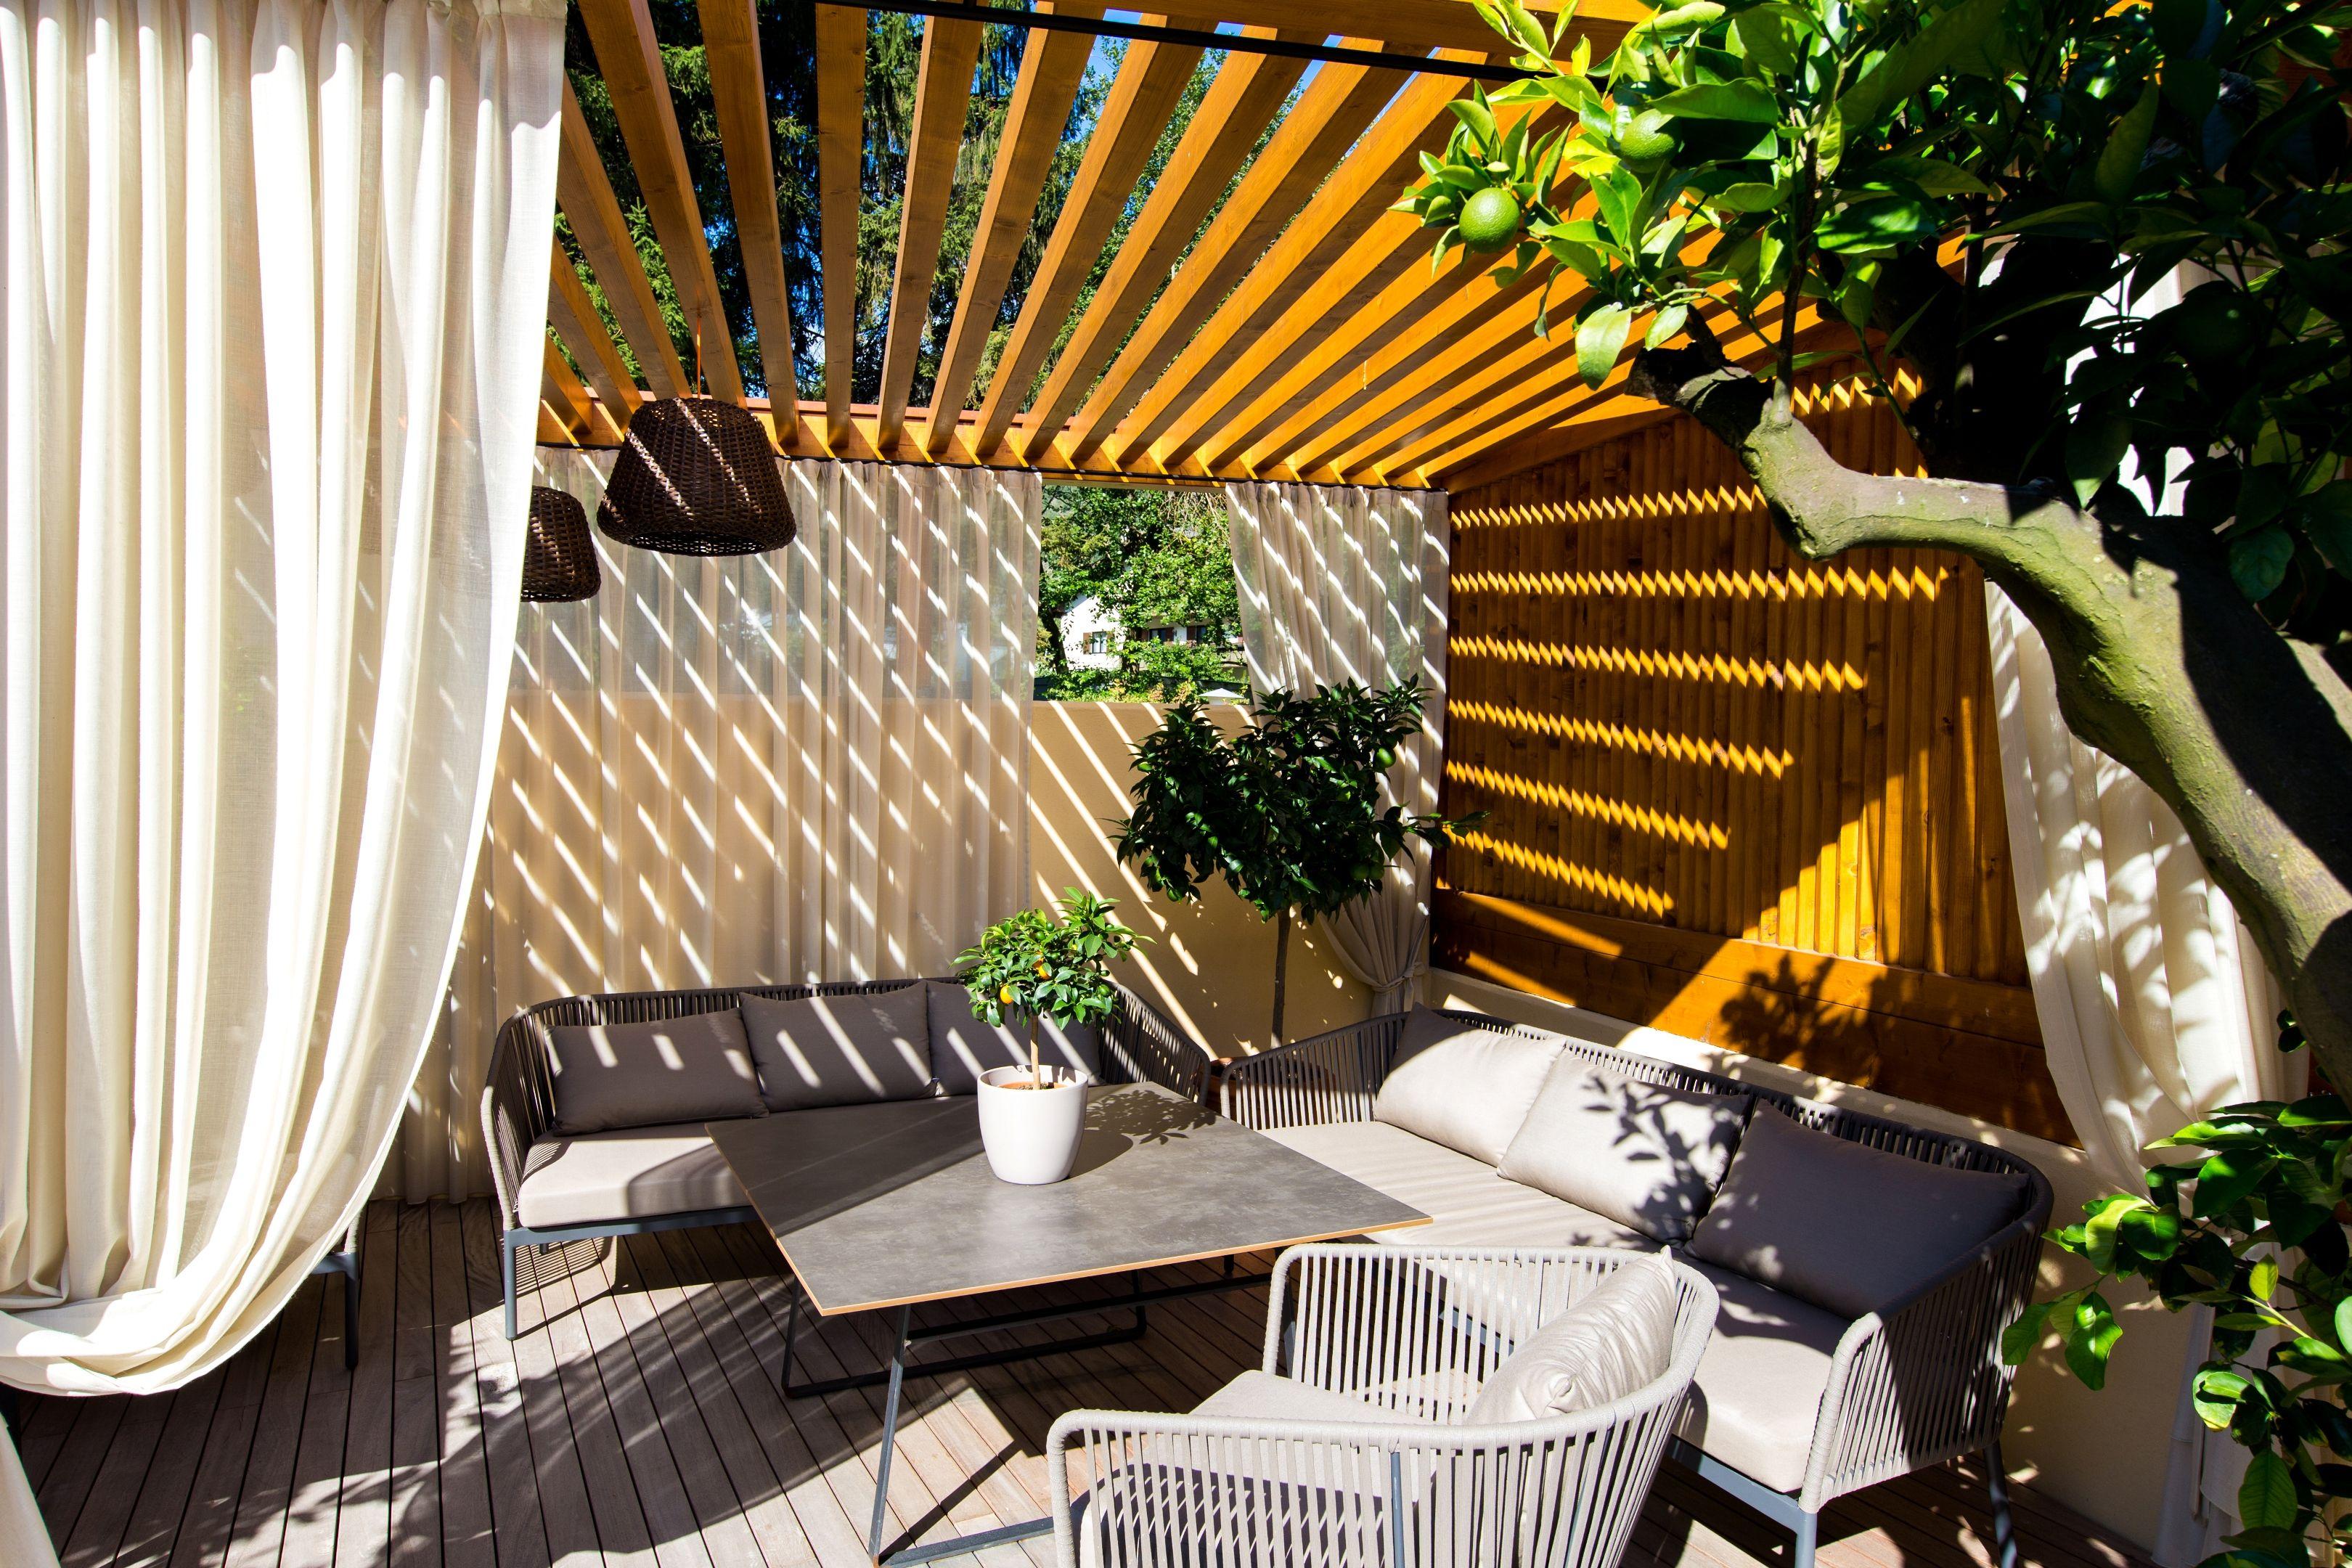 kuschelige lounge am koi teich terrasse mit koi teich. Black Bedroom Furniture Sets. Home Design Ideas